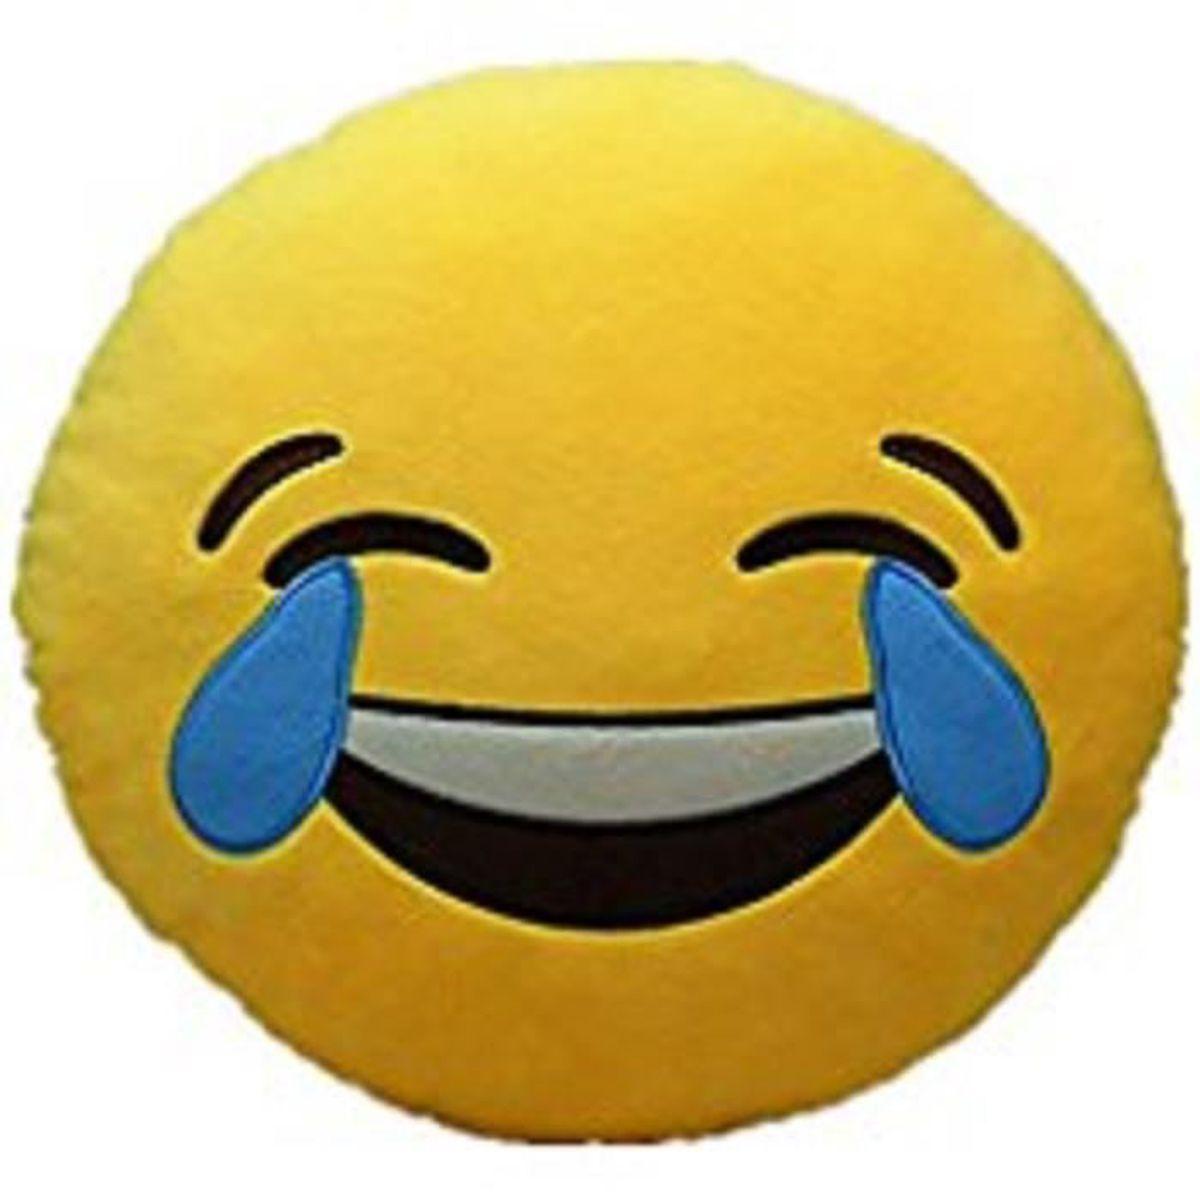 Coussin Emoticone Emoji Pleurer De Rire 32 Cm Achat Vente Coussin Cdiscount